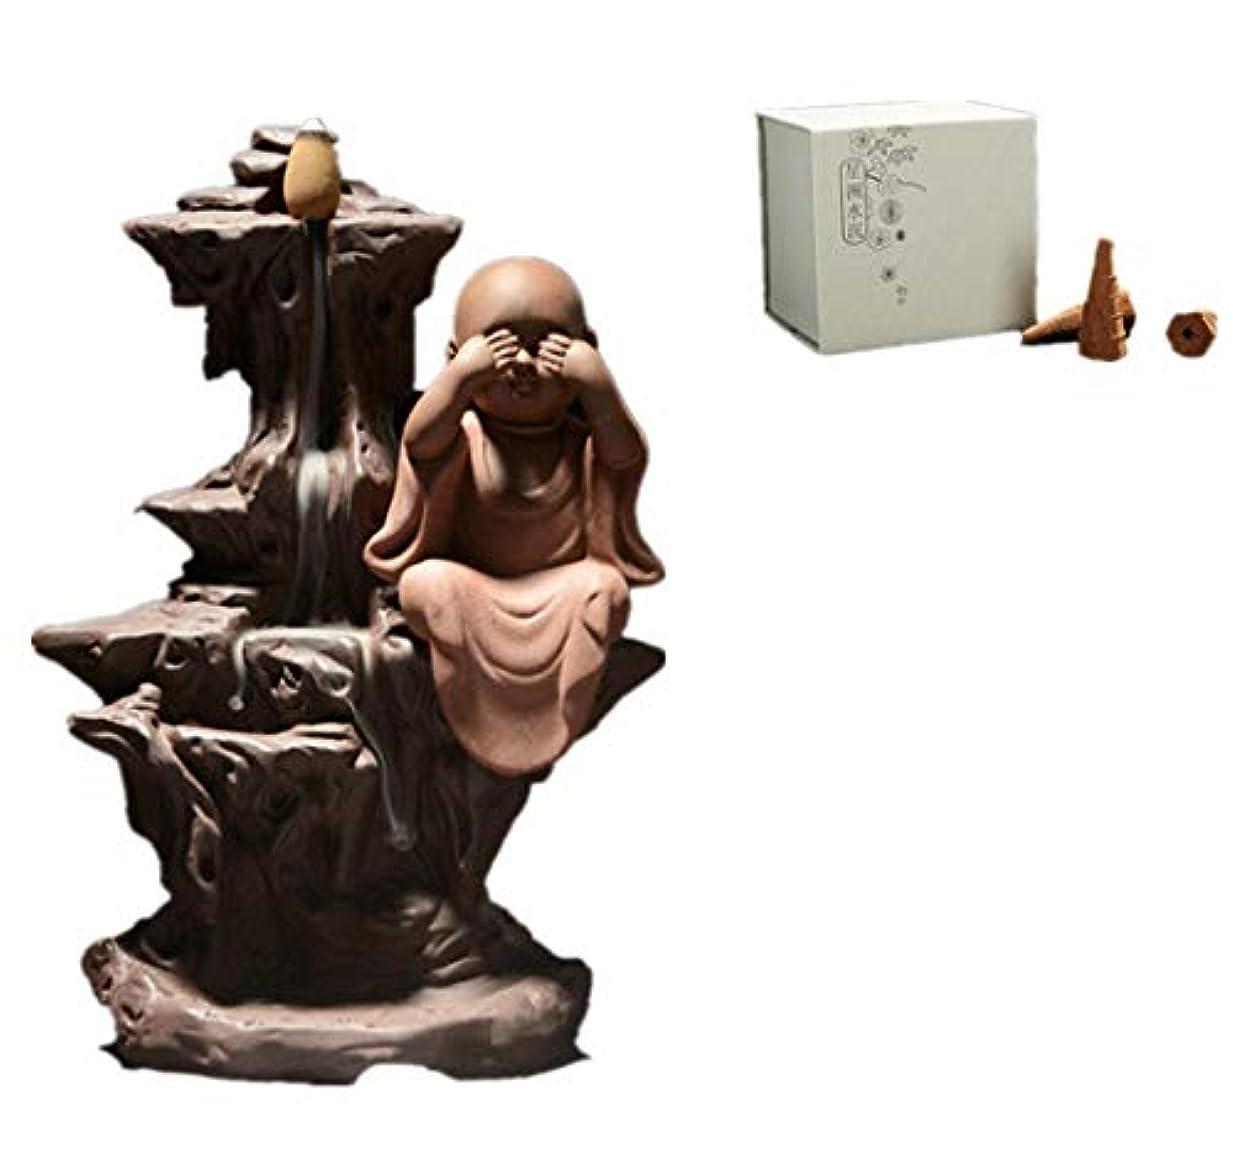 物理承認する優雅なXPPXPP Reflux Incense Burner With 40 Reflux Cones, Home Decoration Incense Stick Ceramic Backflow Cone Candlestick...